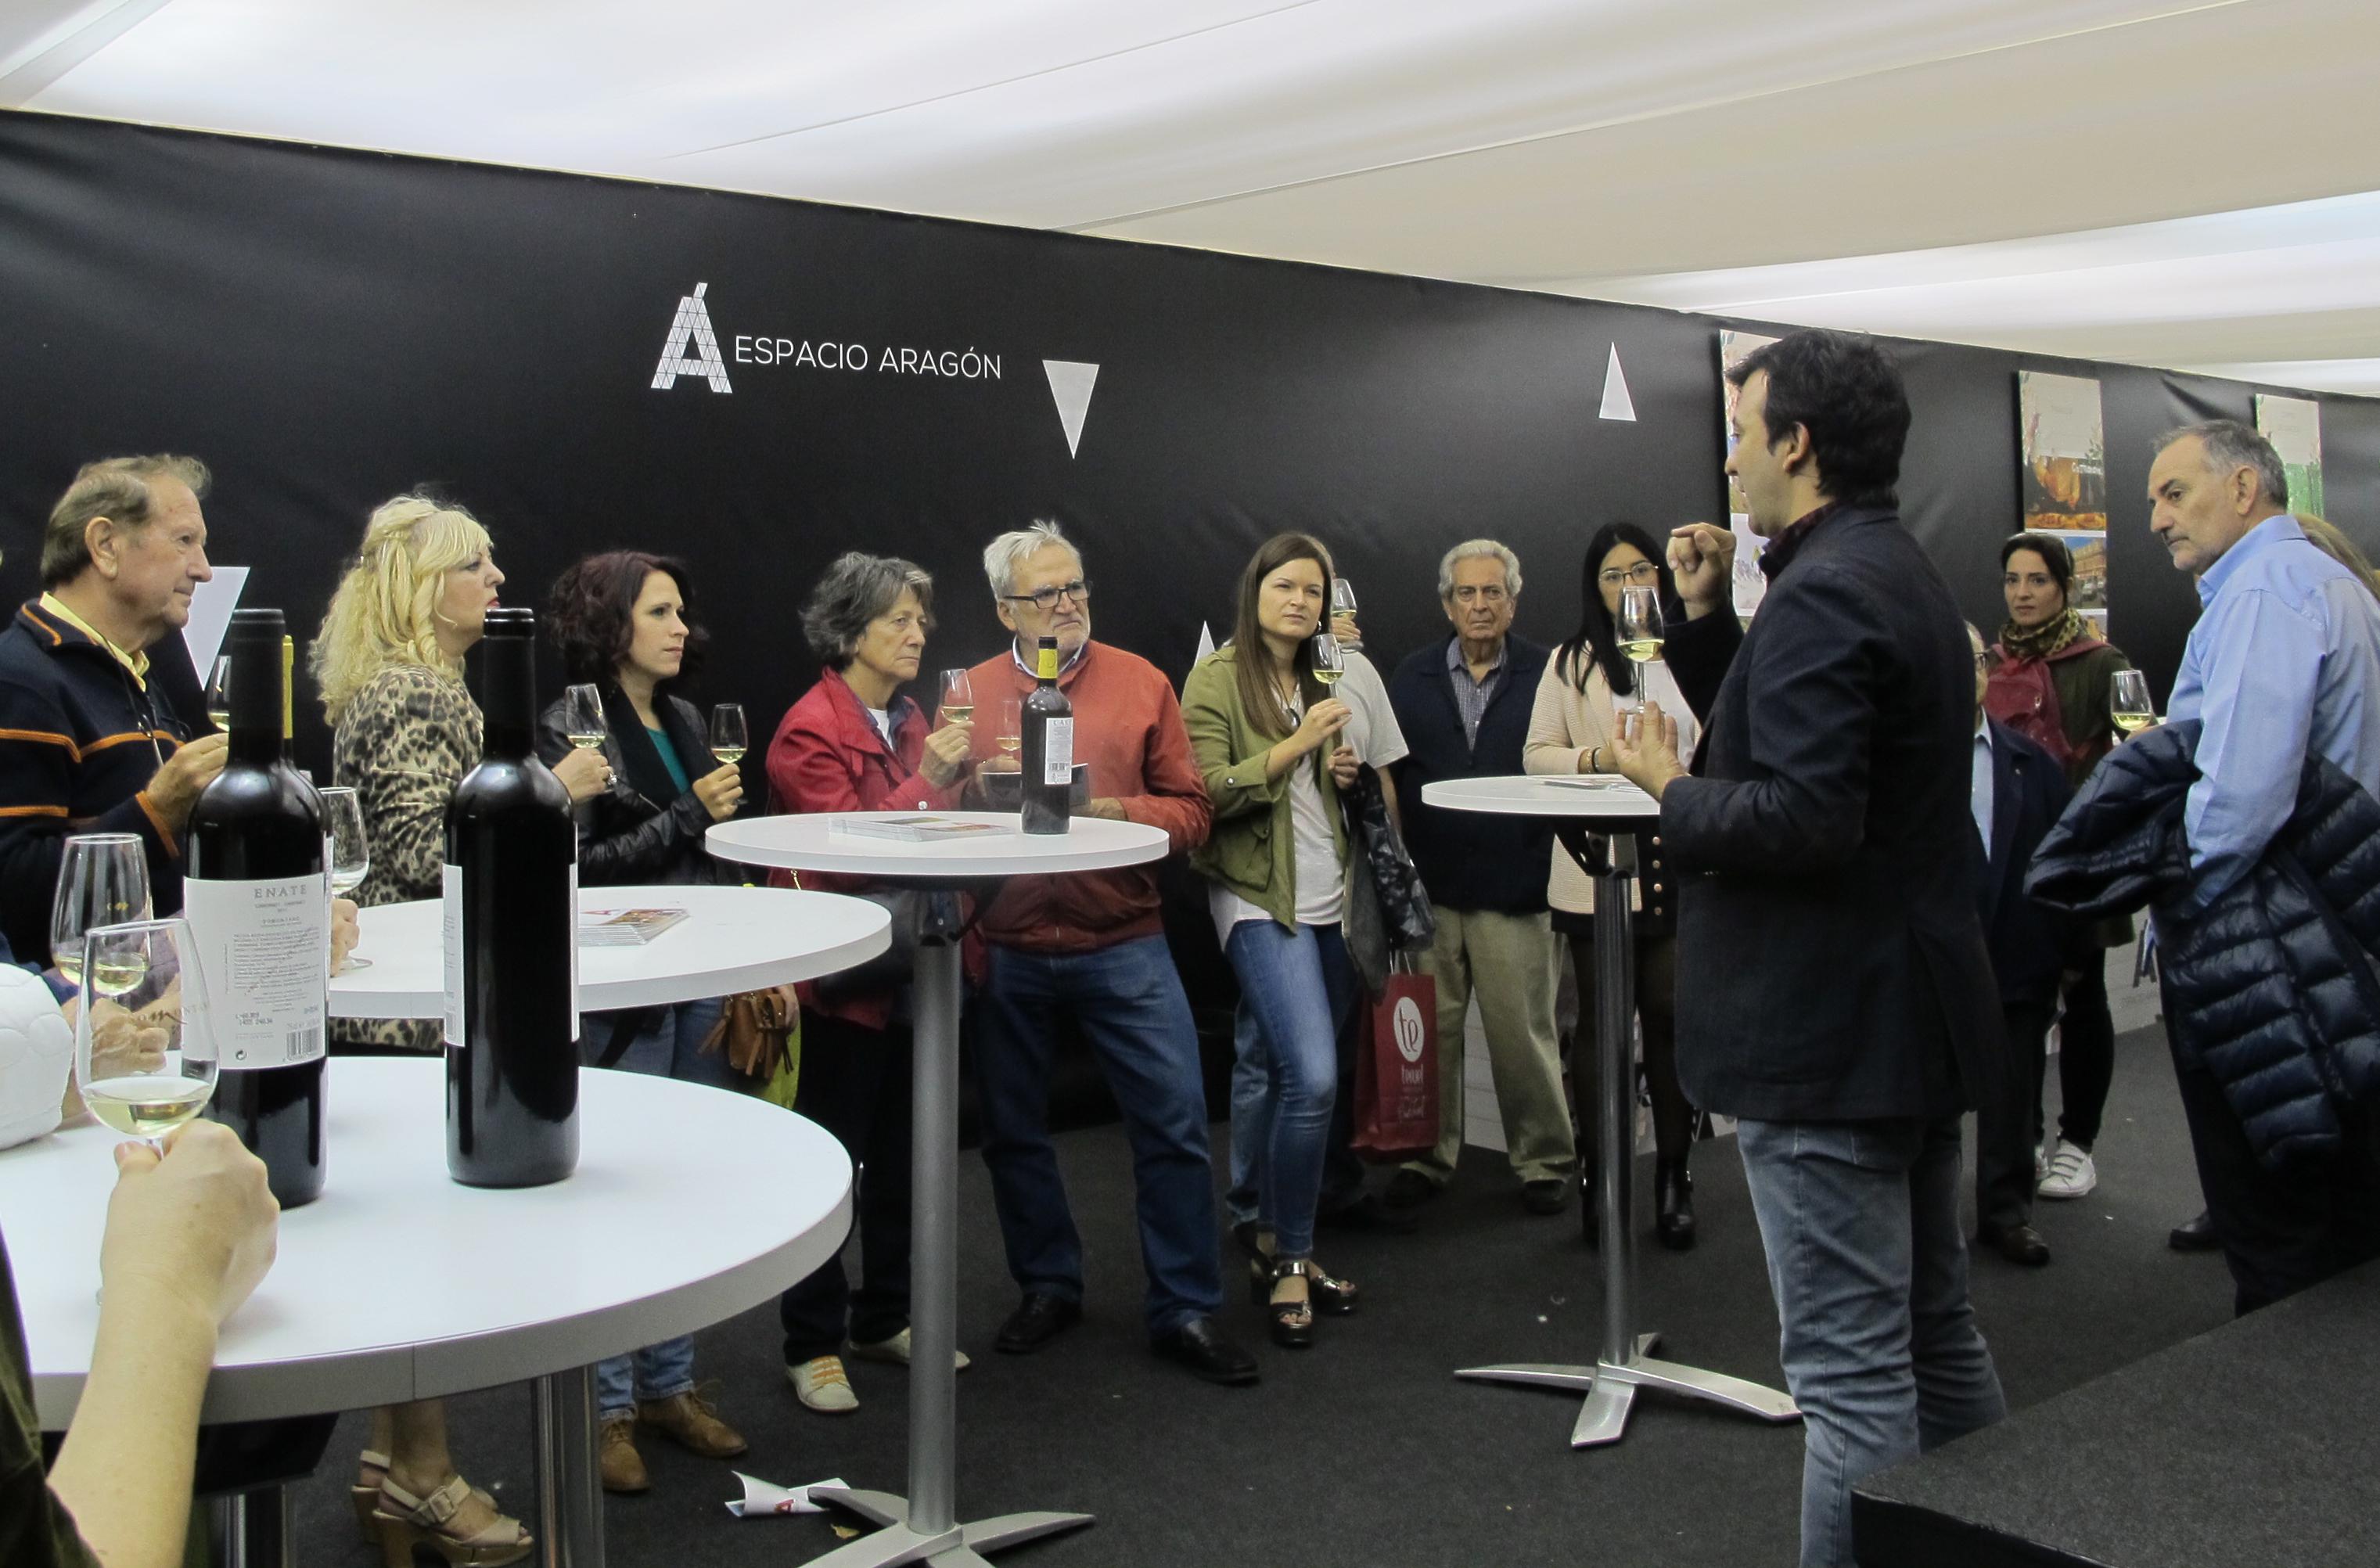 ¡Catas de Enoturismo de Aragón en las Fiestas del Pilar 2018!